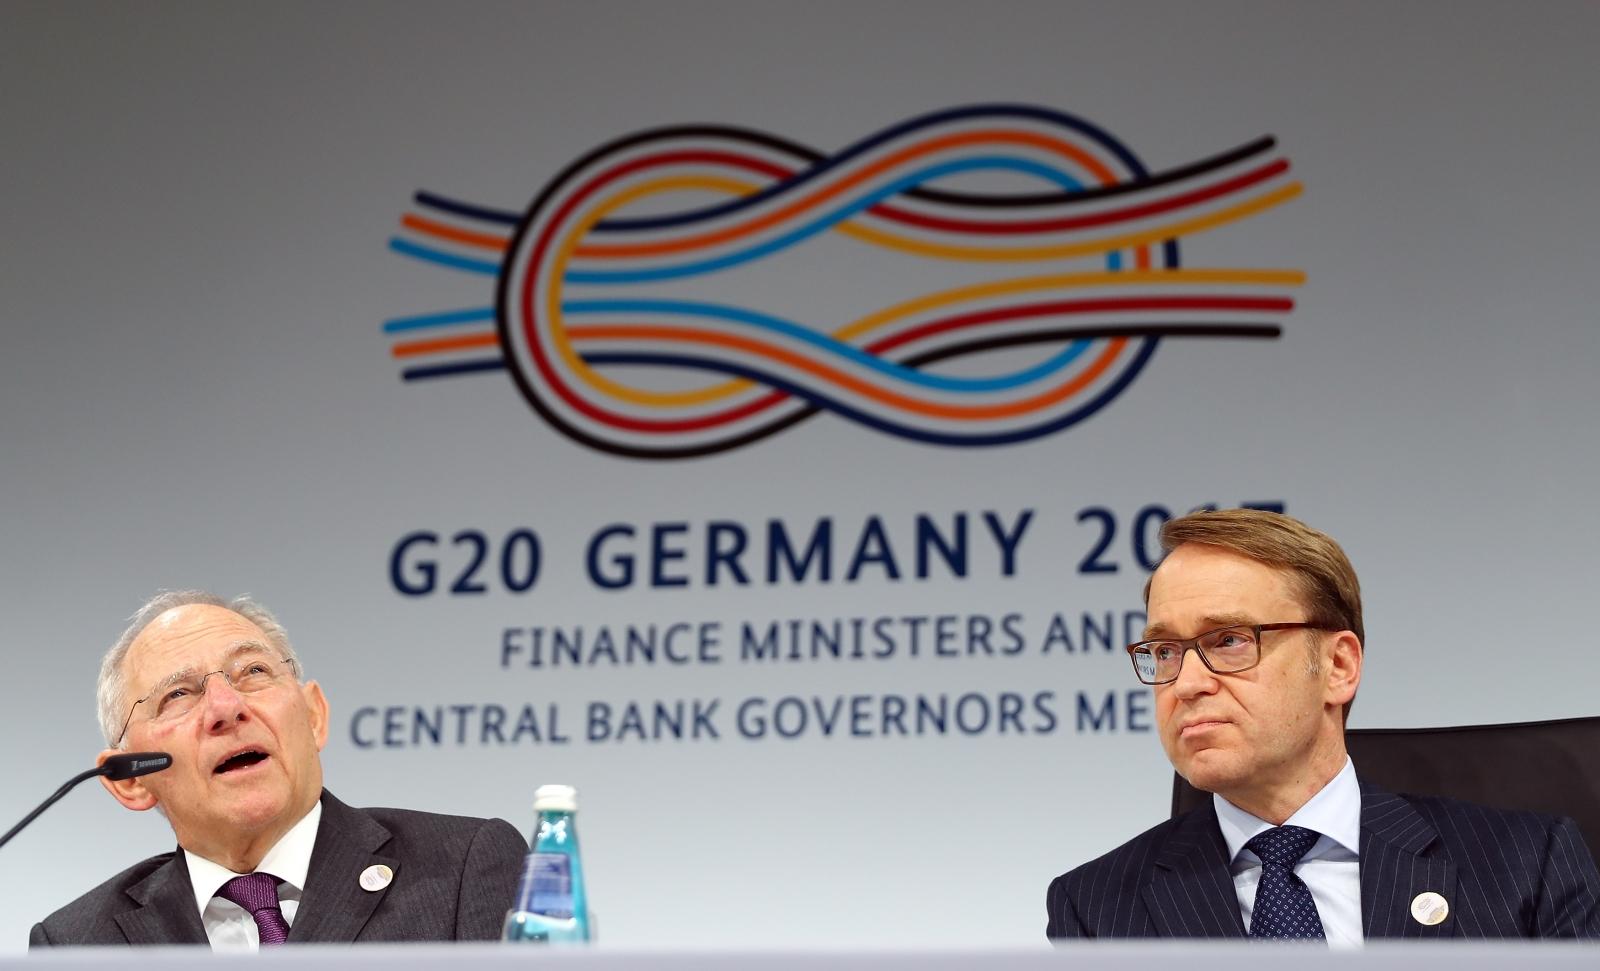 G20 meeting in Baden-Baden